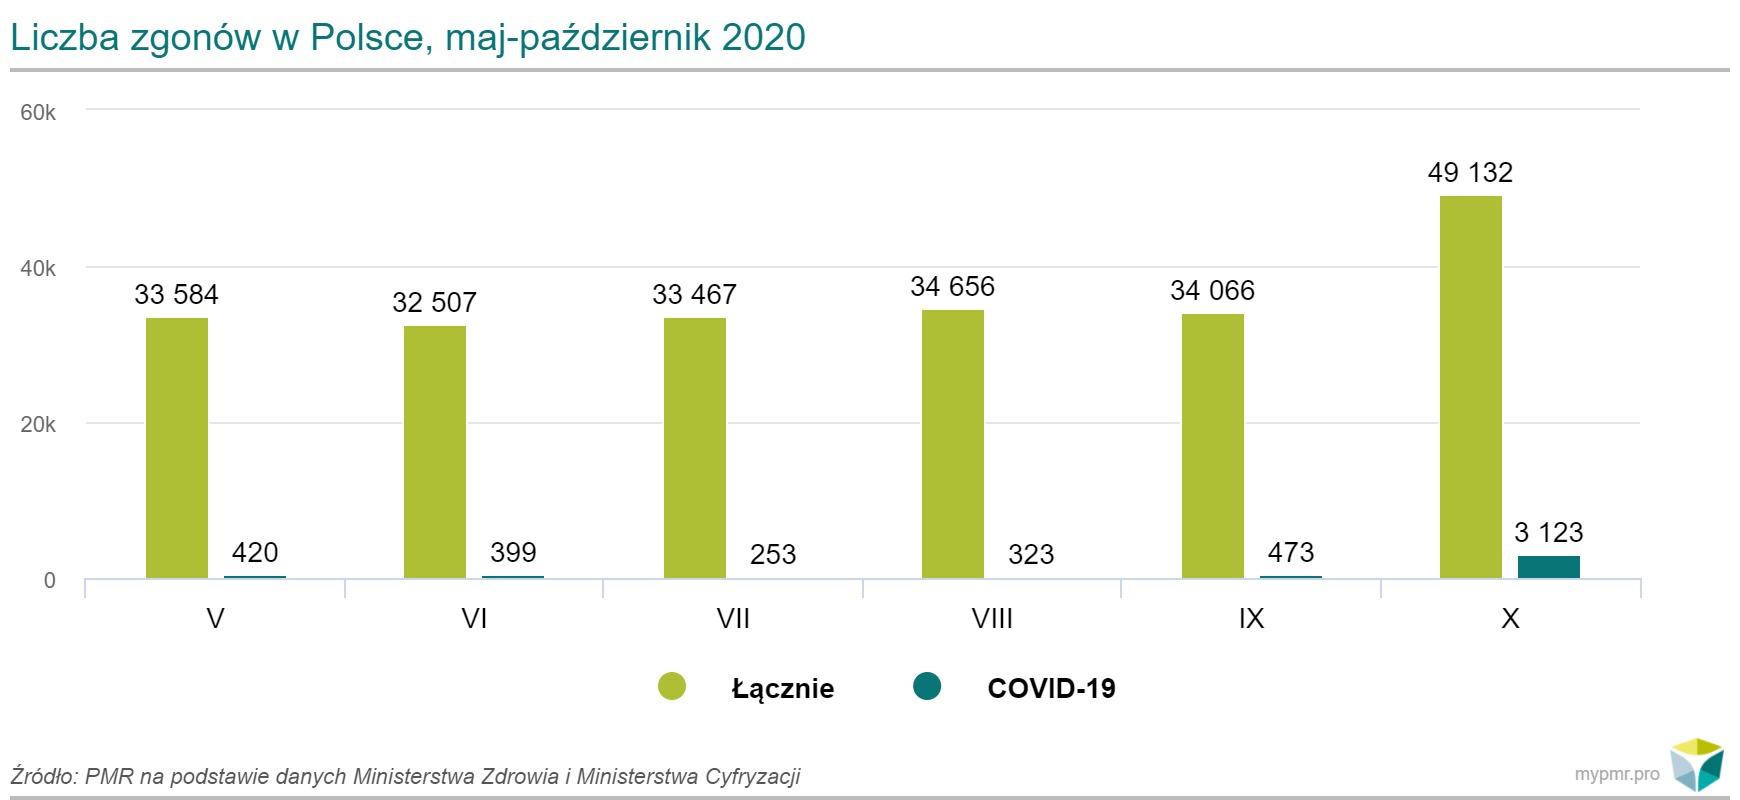 zgony maj-pazdziernik 2020 wykres